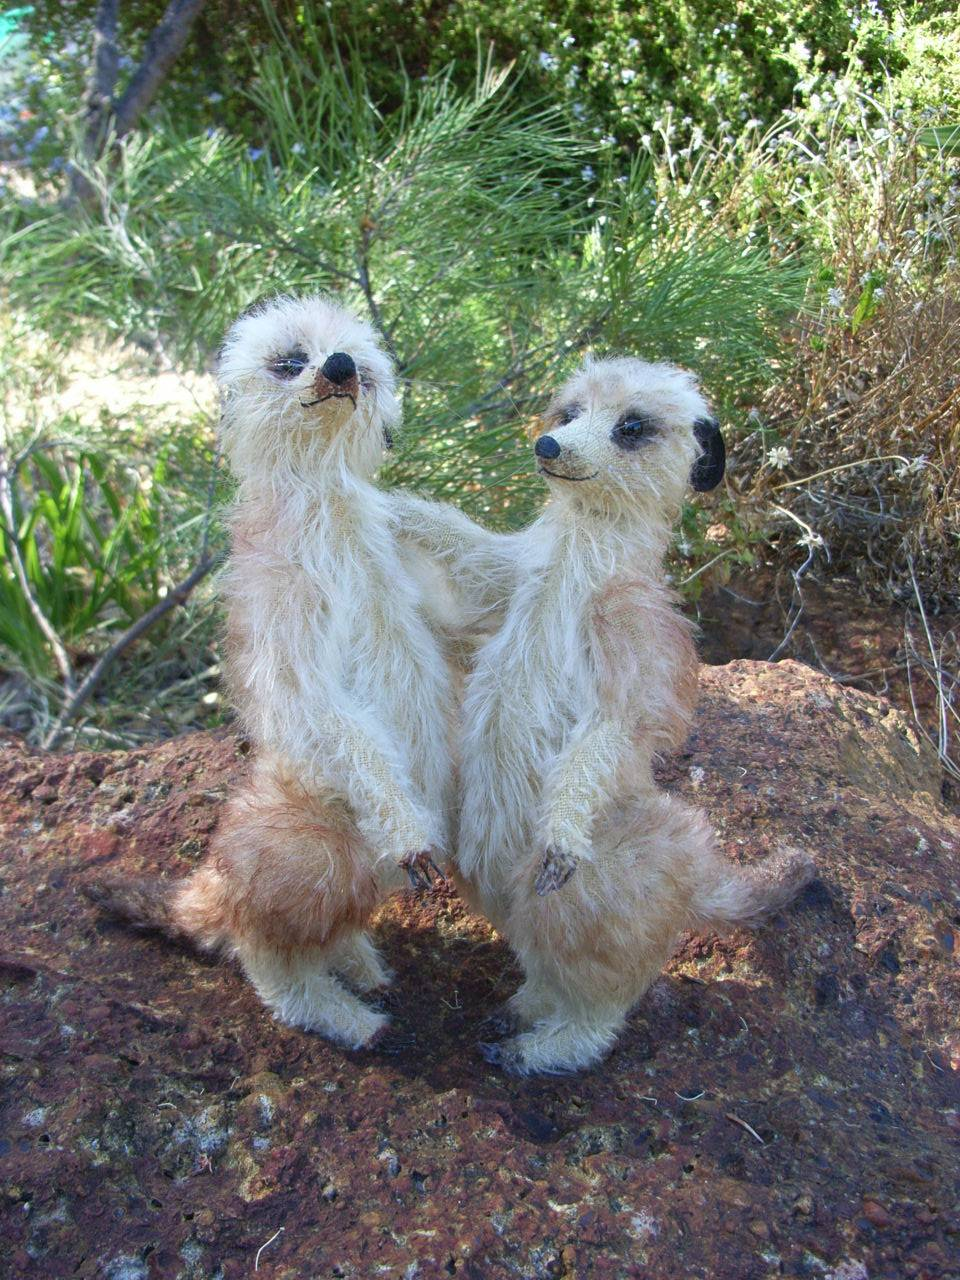 Meerkats in the garden